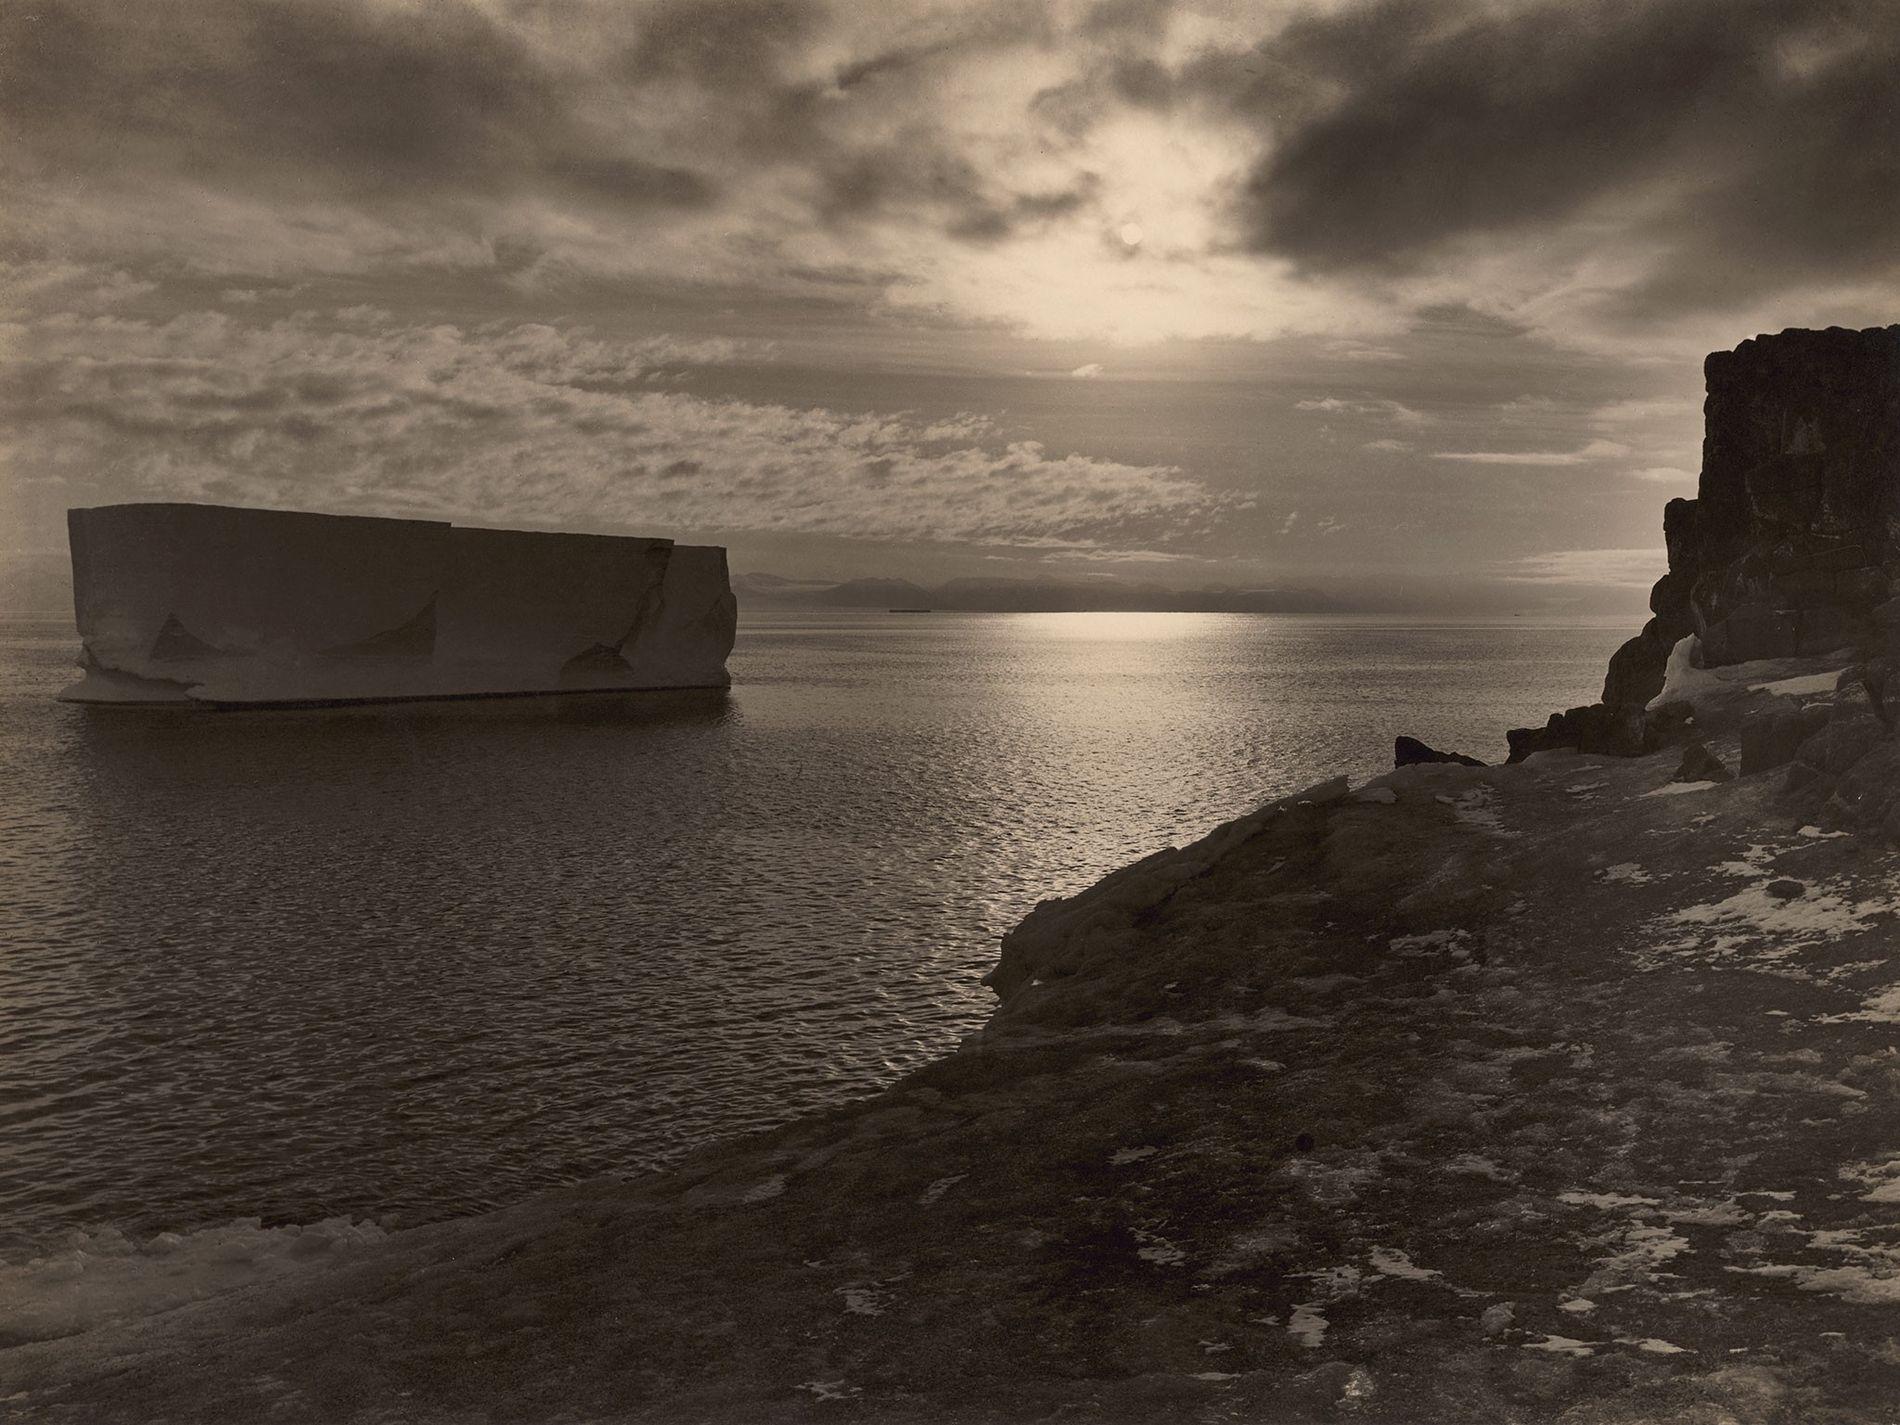 Eisberg in der Antarktis